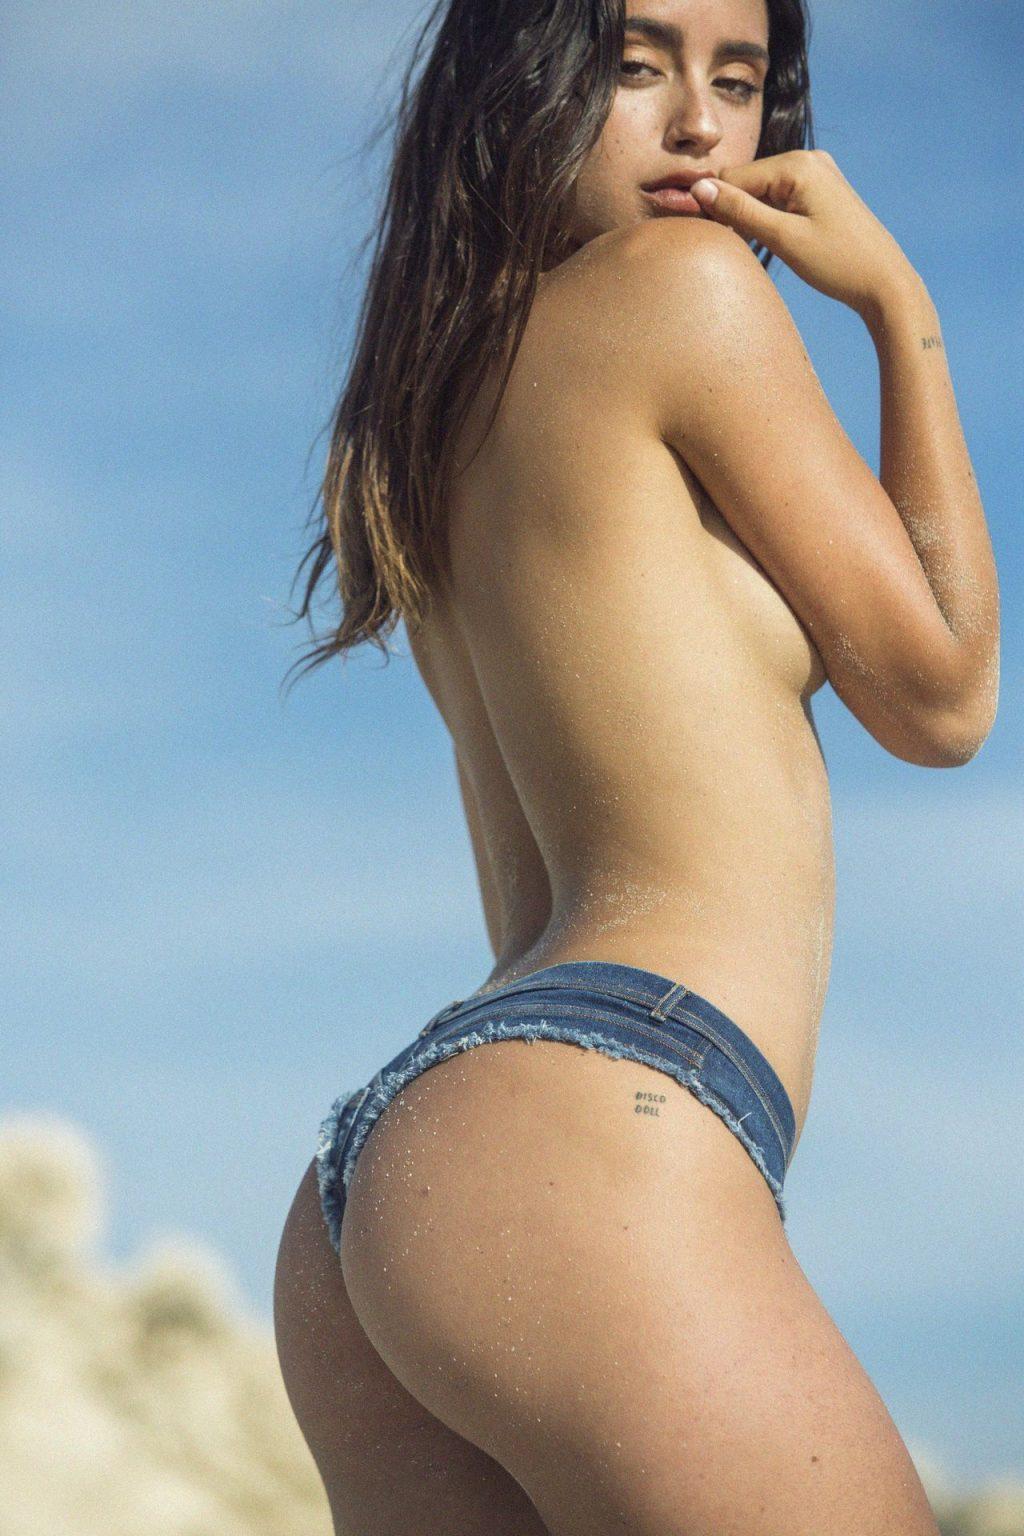 Amelle Berrabah Sexy carla guetta sexy (5 photos) – ( ͡° ͜ʖ ͡°) |the fappening